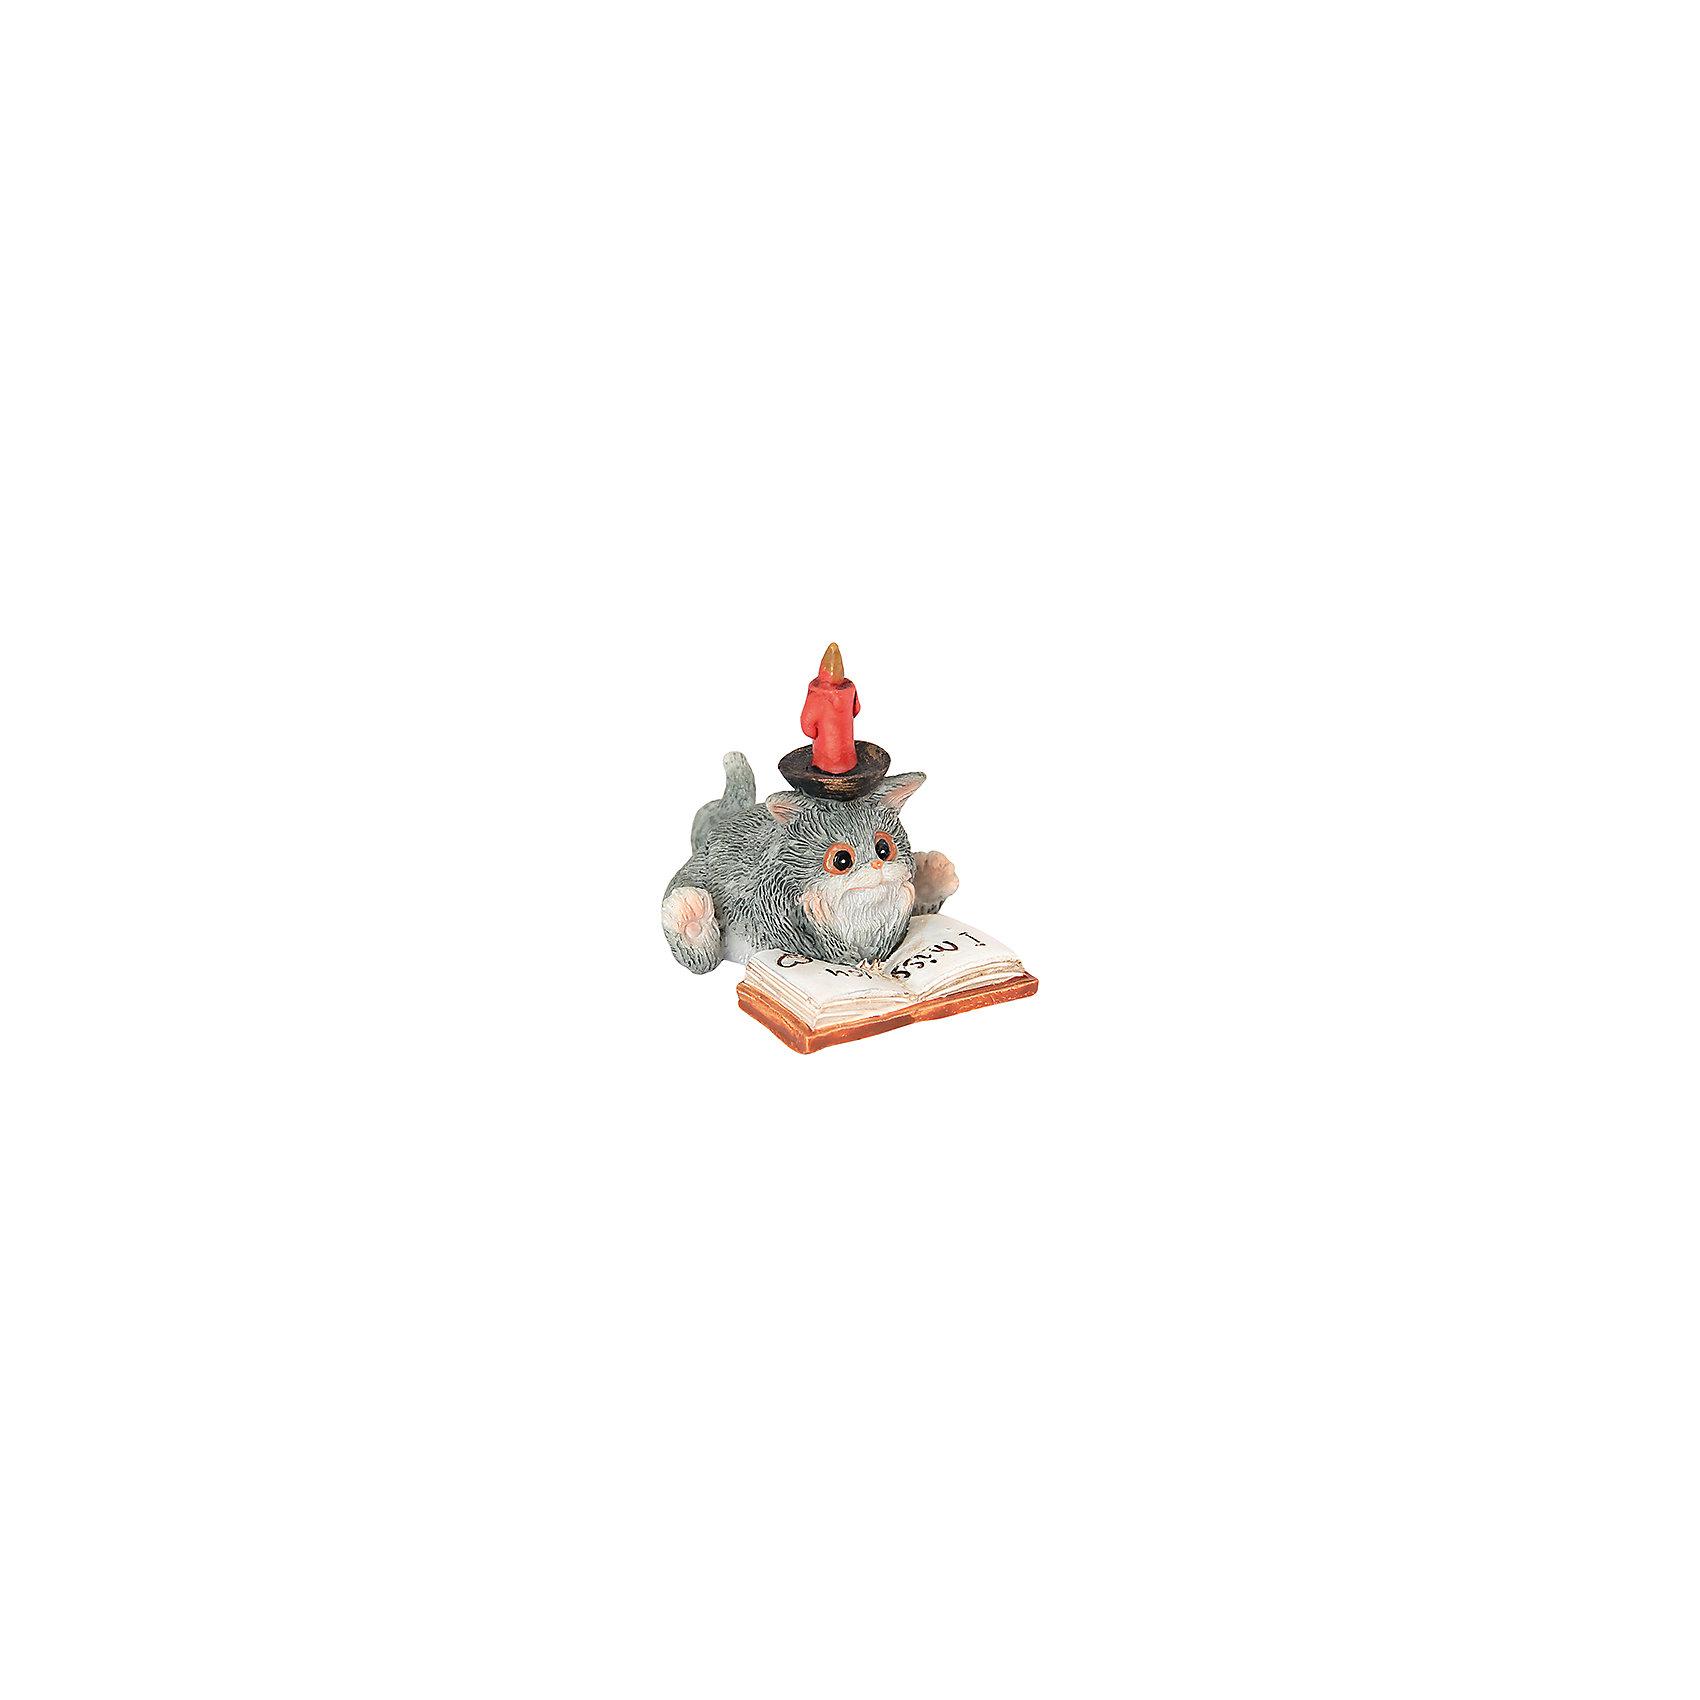 Фигурка декоративная Кот с книгой, Elan GalleryПредметы интерьера<br>Характеристики товара:<br><br>• цвет: мульти<br>• материал: полистоун<br>• высота: 5 см<br>• вес: 100 г<br>• подходит к любому интерьеру<br>• отлично проработаны детали<br>• универсальный размер<br>• страна бренда: Российская Федерация<br>• страна производства: Китай<br><br>Такая декоративная фигурка - отличный пример красивой вещи для любого интерьера. Благодаря универсальному дизайну и расцветке она хорошо будет смотреться в помещении.<br><br>Декоративная фигурка может стать отличным приобретением для дома или подарком для любителей симпатичных вещей, украшающих пространство.<br><br>Бренд Elan Gallery - это красивые и практичные товары для дома с современным дизайном. Они добавляют в жильё уюта и комфорта! <br><br>Фигурку декоративную Кот с книгой Elan Gallery можно купить в нашем интернет-магазине.<br><br>Ширина мм: 85<br>Глубина мм: 75<br>Высота мм: 75<br>Вес г: 69<br>Возраст от месяцев: 0<br>Возраст до месяцев: 1188<br>Пол: Унисекс<br>Возраст: Детский<br>SKU: 6669009